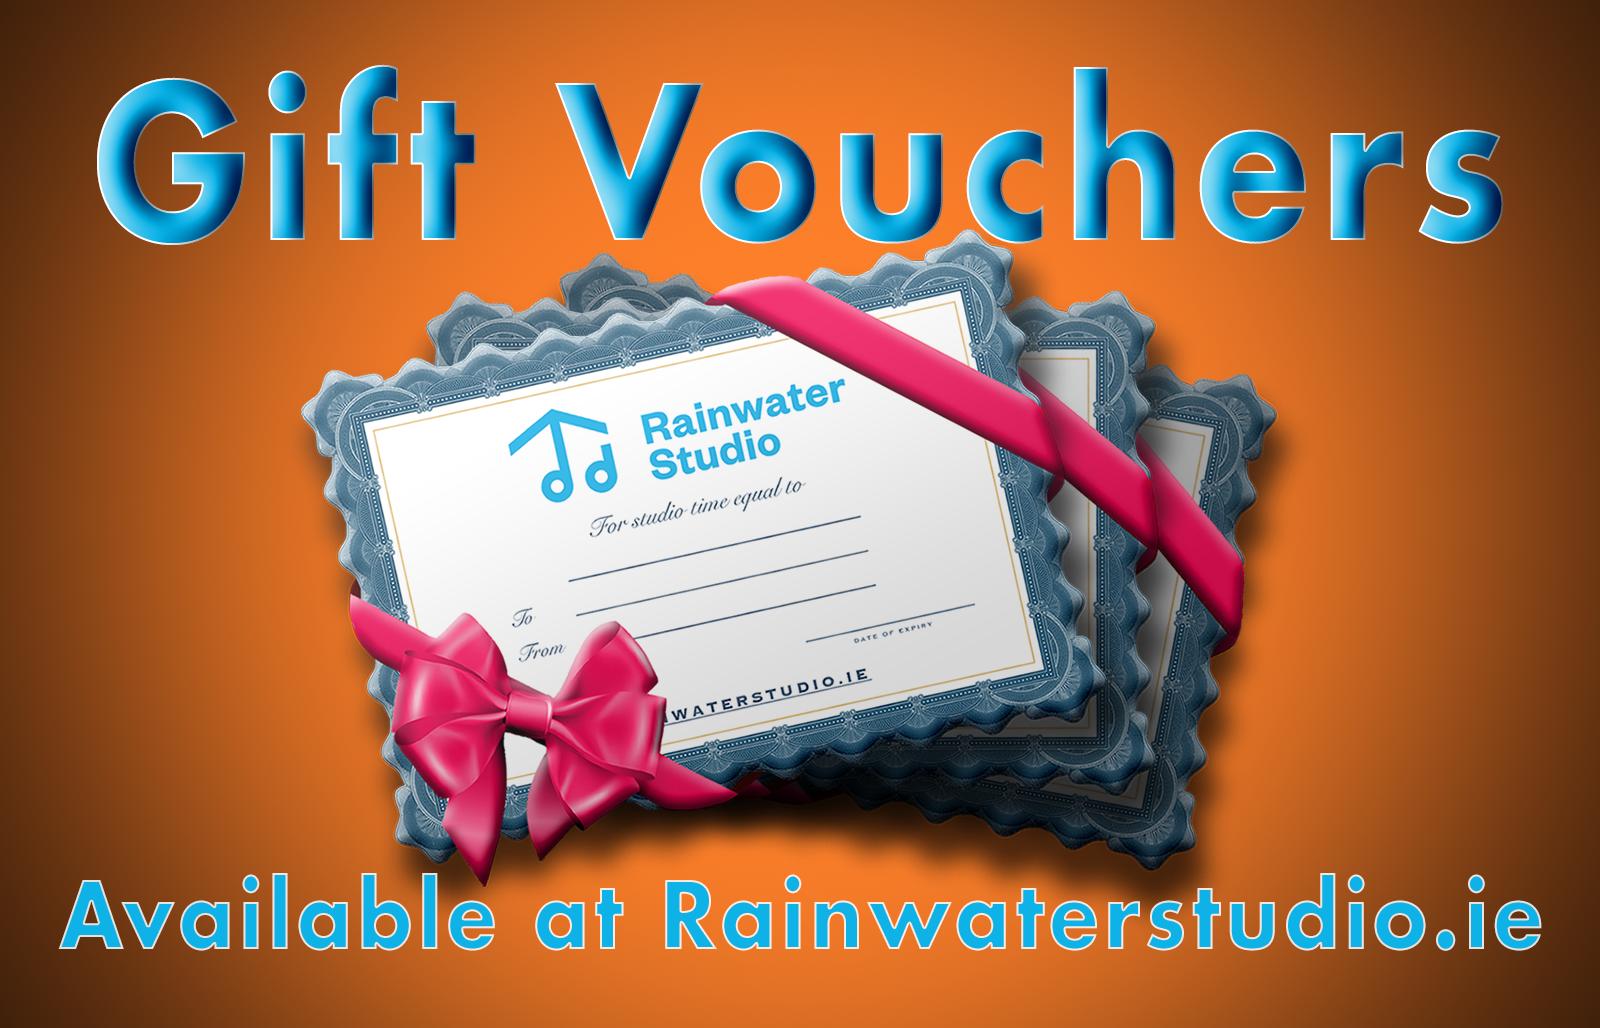 Rainwater Studio Voucher Ad.png